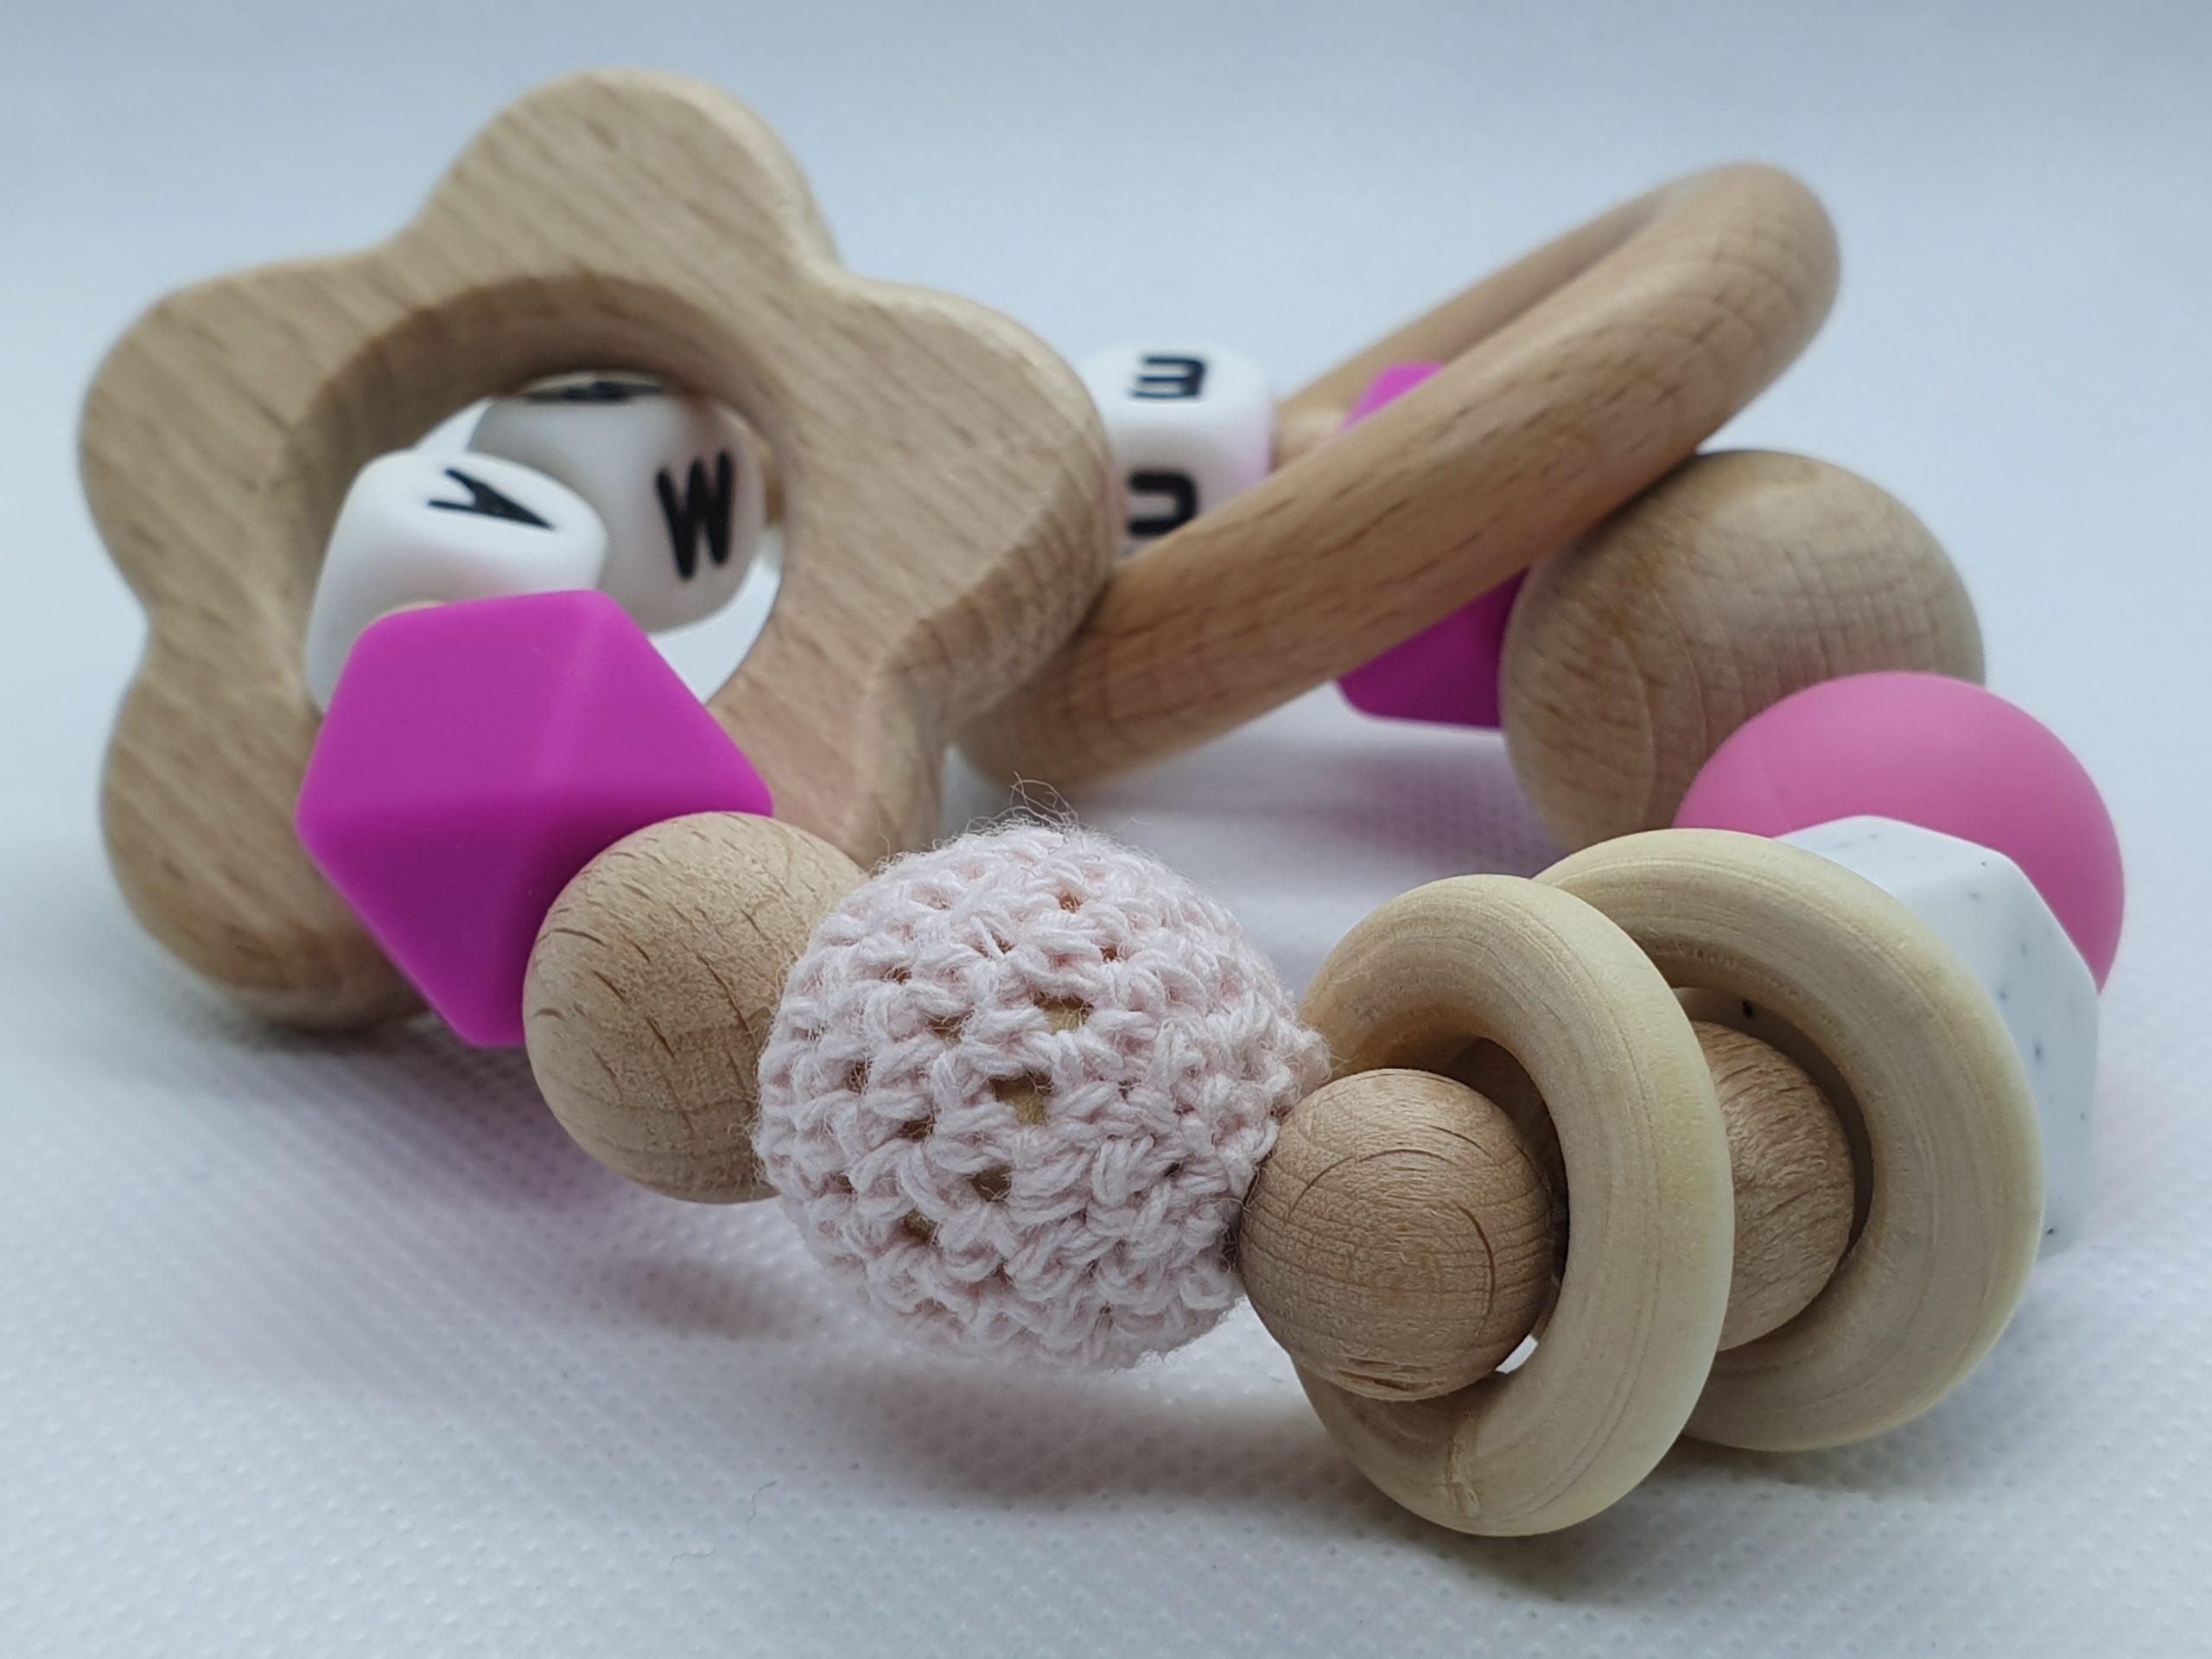 leuke baby cadeaus-kraamcadeaus-baby cadeau meisje-bijtring met naam-bijtring hout-persoonlijk baby cadeau-Wood & Fun